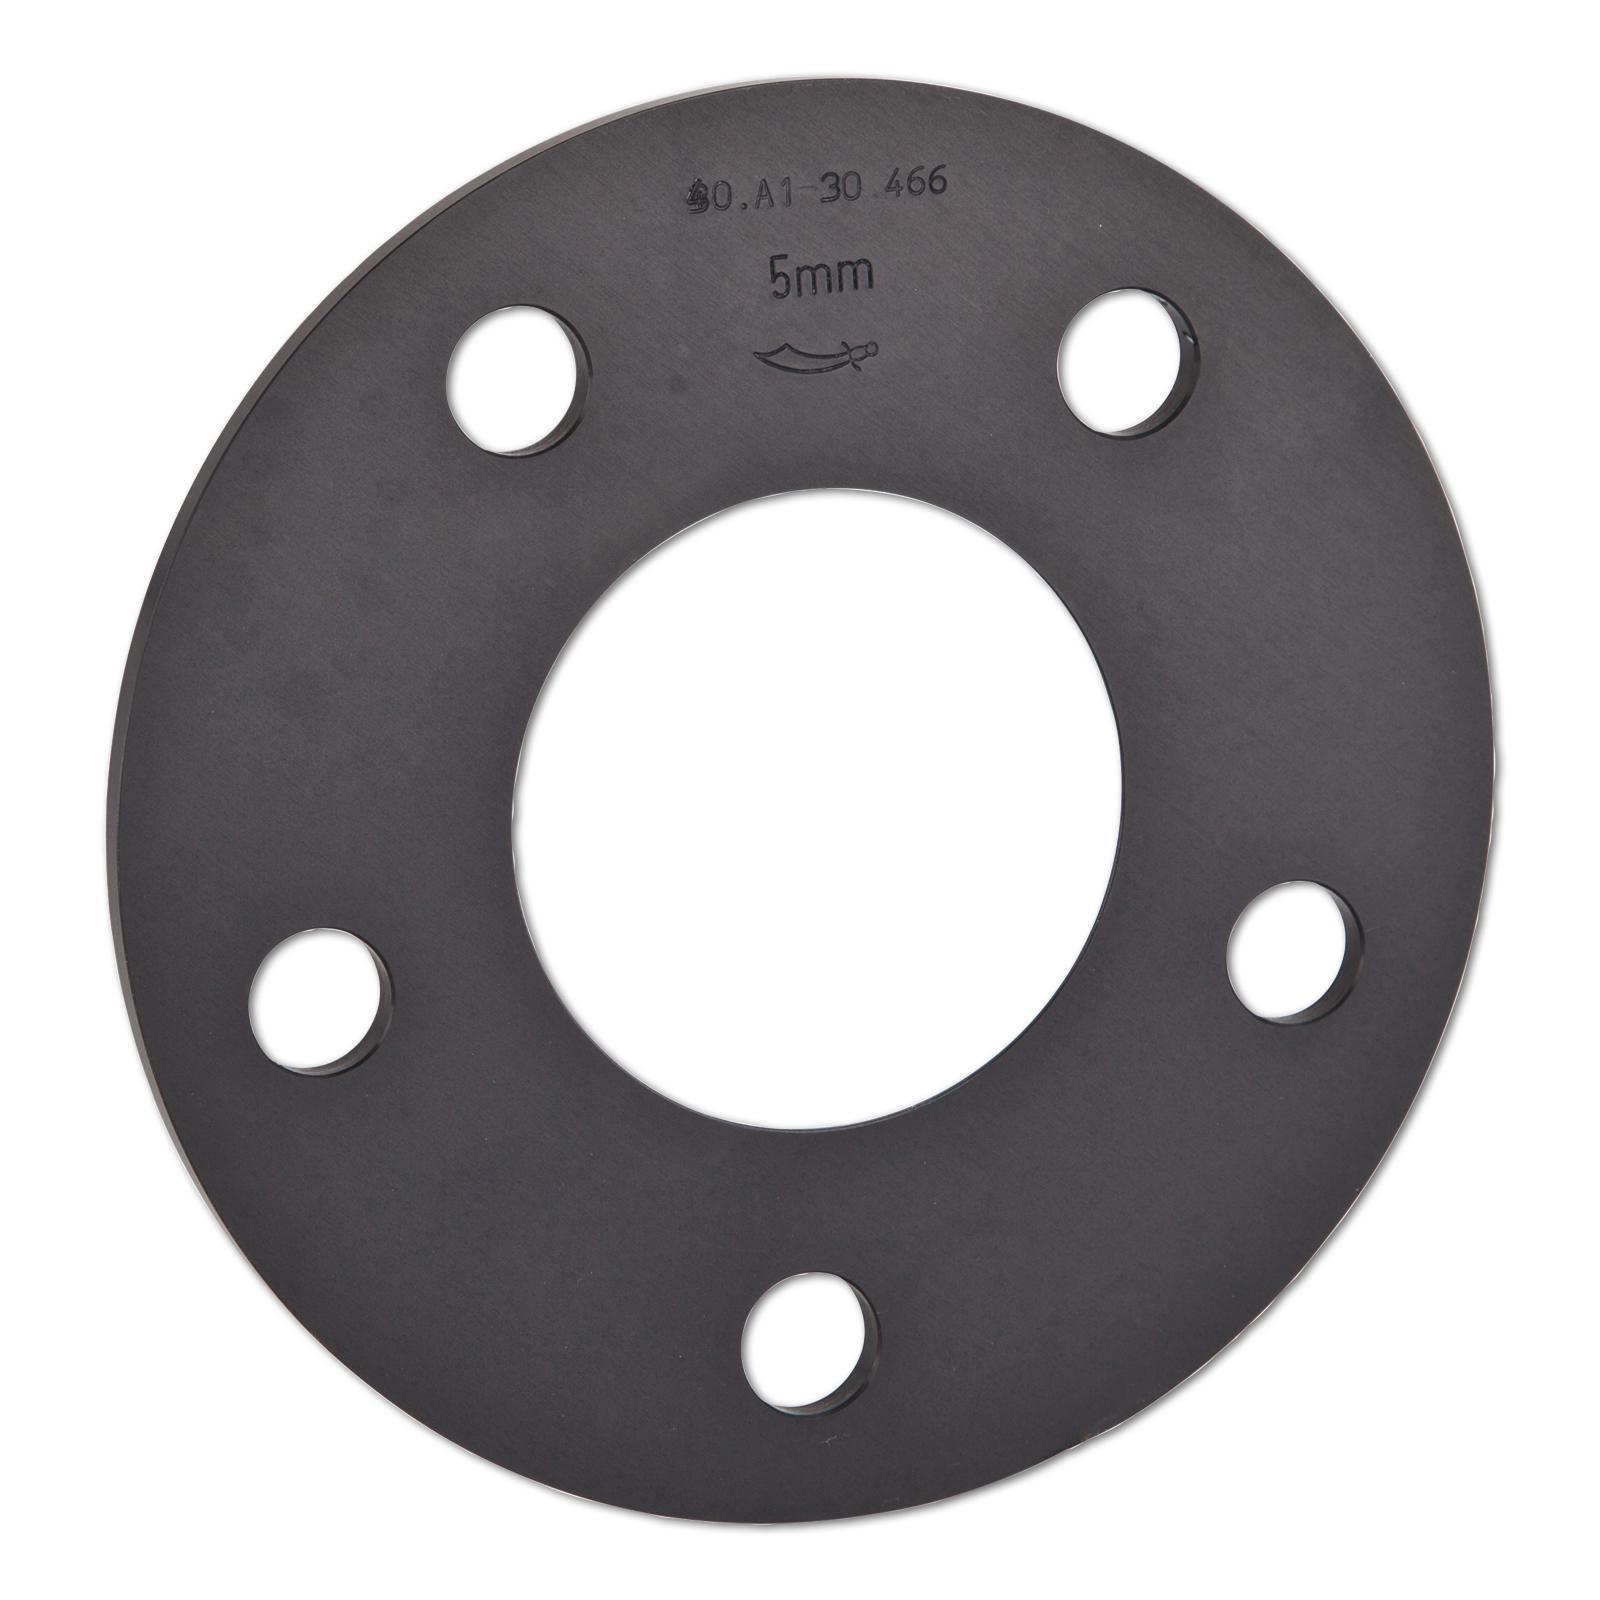 SilverLine by RSC Spurverbreiterung 10mm Achse// 5mm Seite LK 5x112 57,1-20610205/_4251535809408